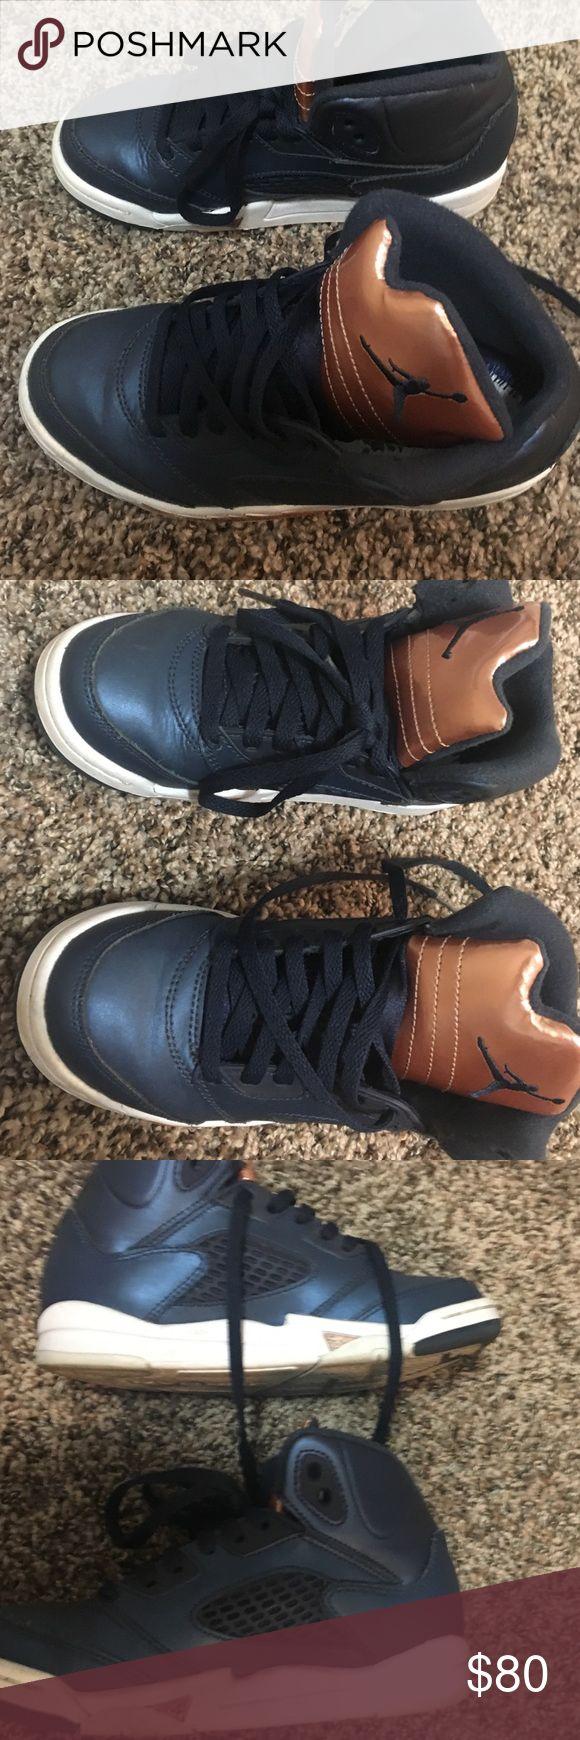 Kids Jordan shoes New Jordan Shoes Sneakers